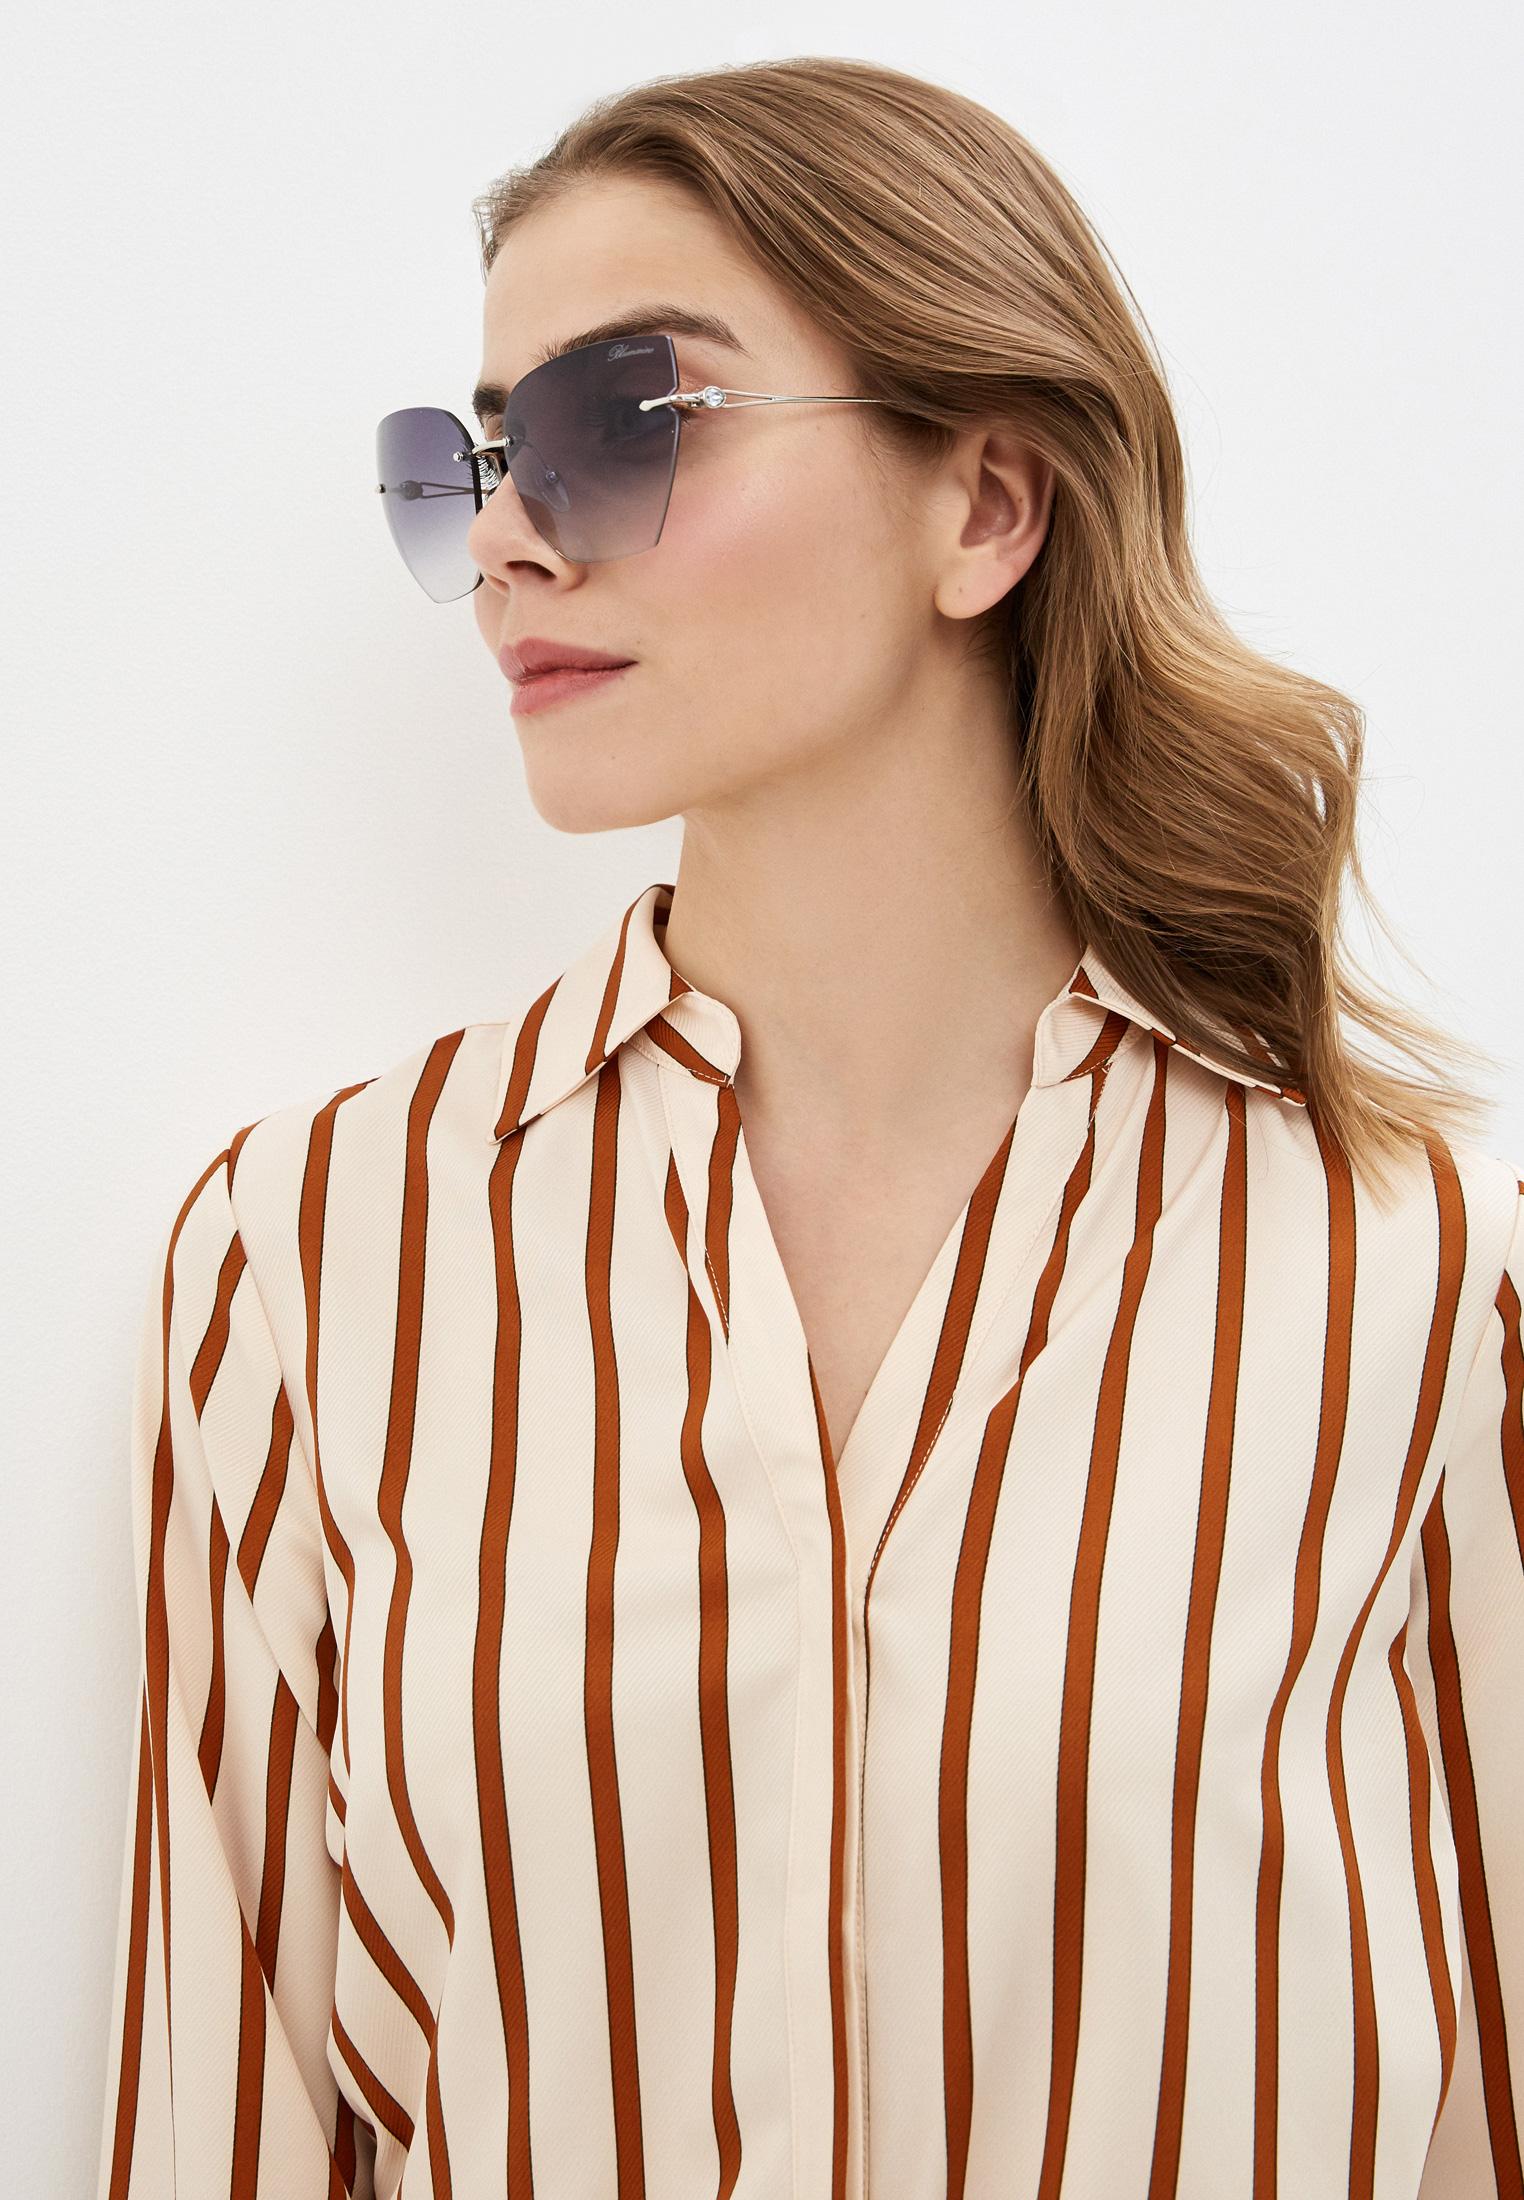 Женские солнцезащитные очки Blumarine Blumarine-137V-579